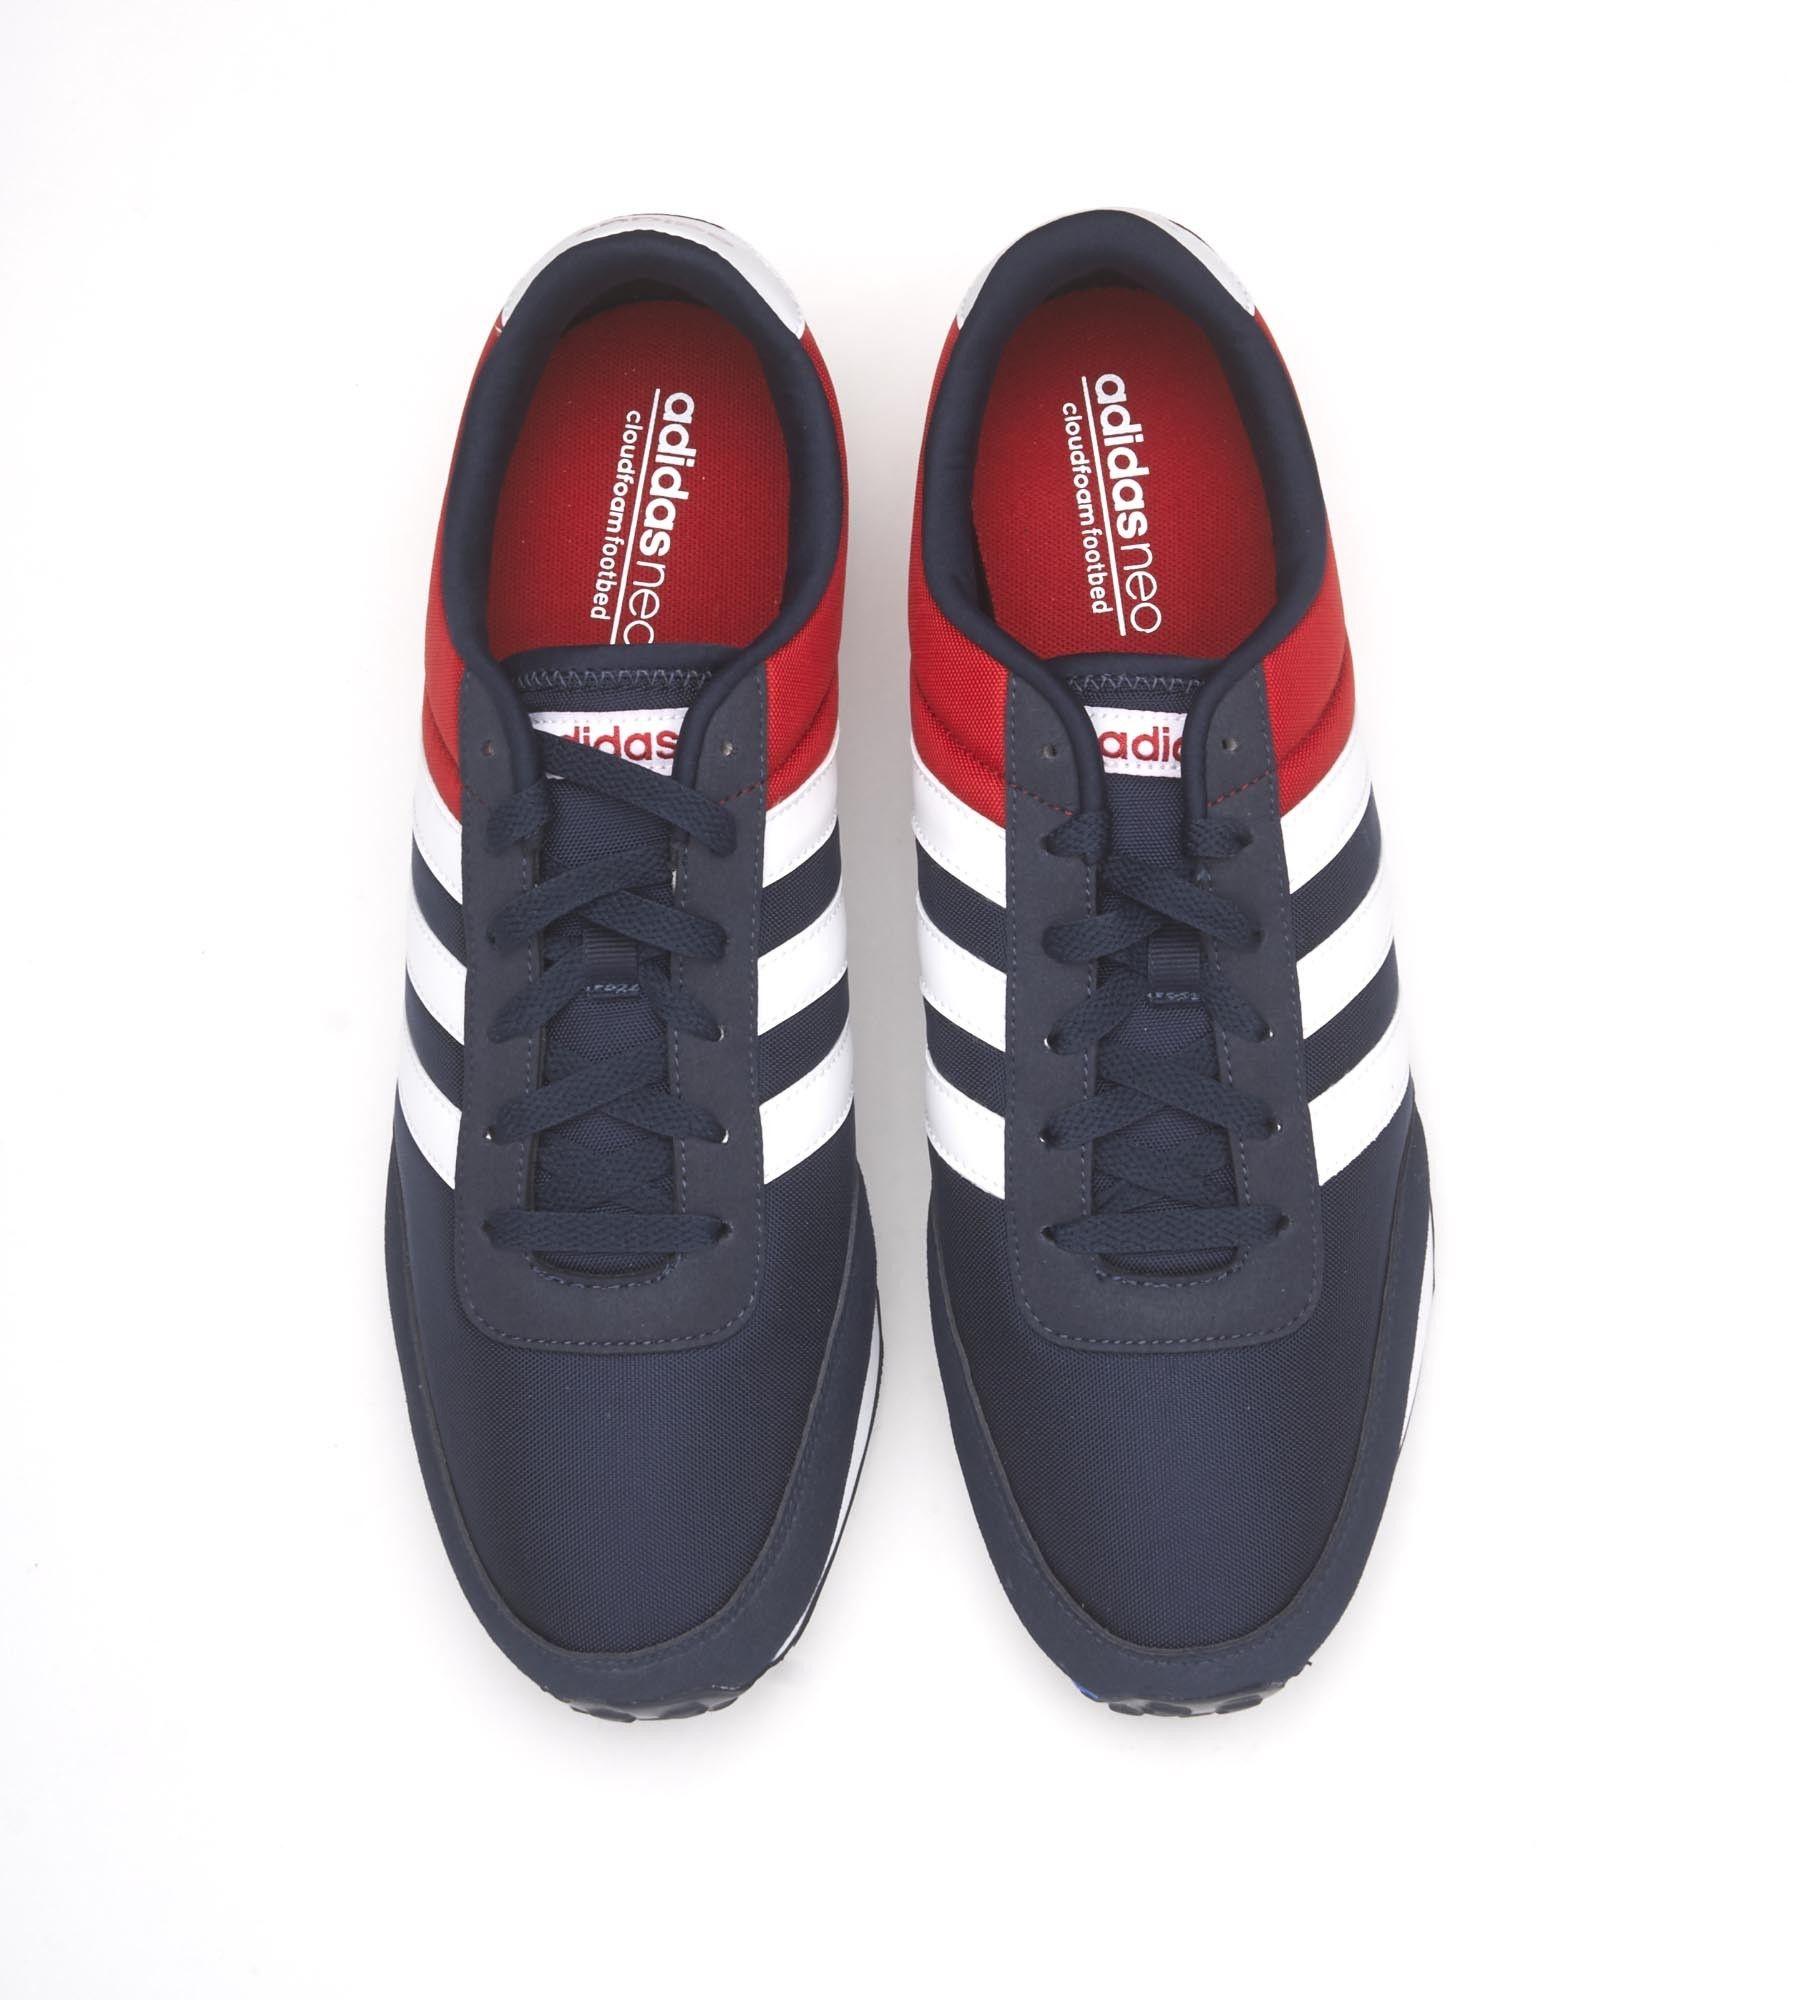 zapatillas adidas azul rojo